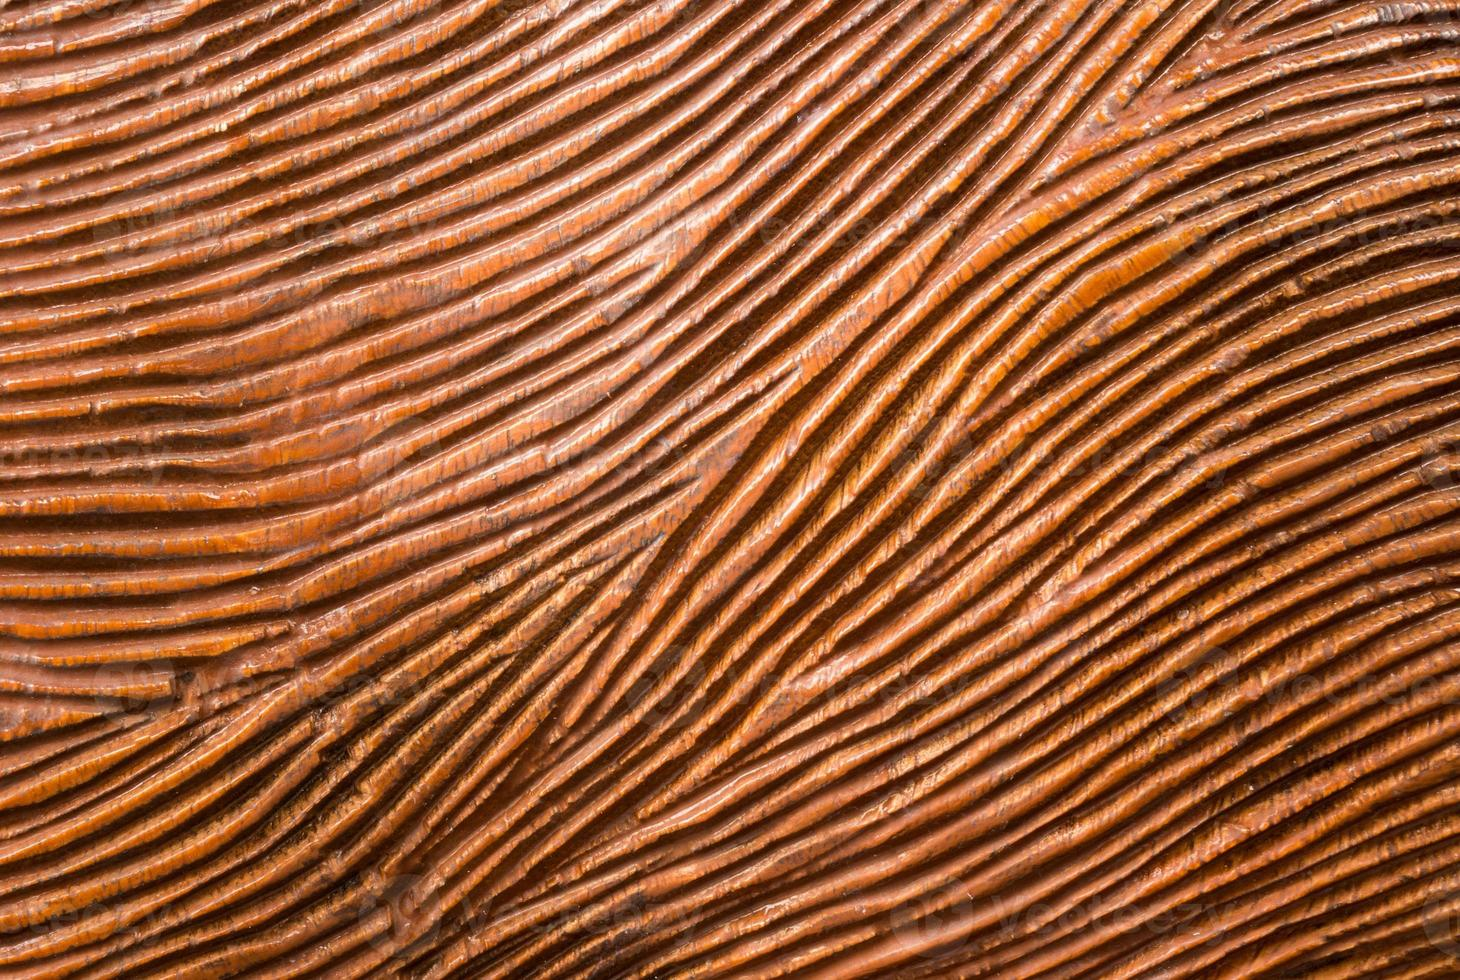 traditionellt snidit rött trä med flödeslinje foto